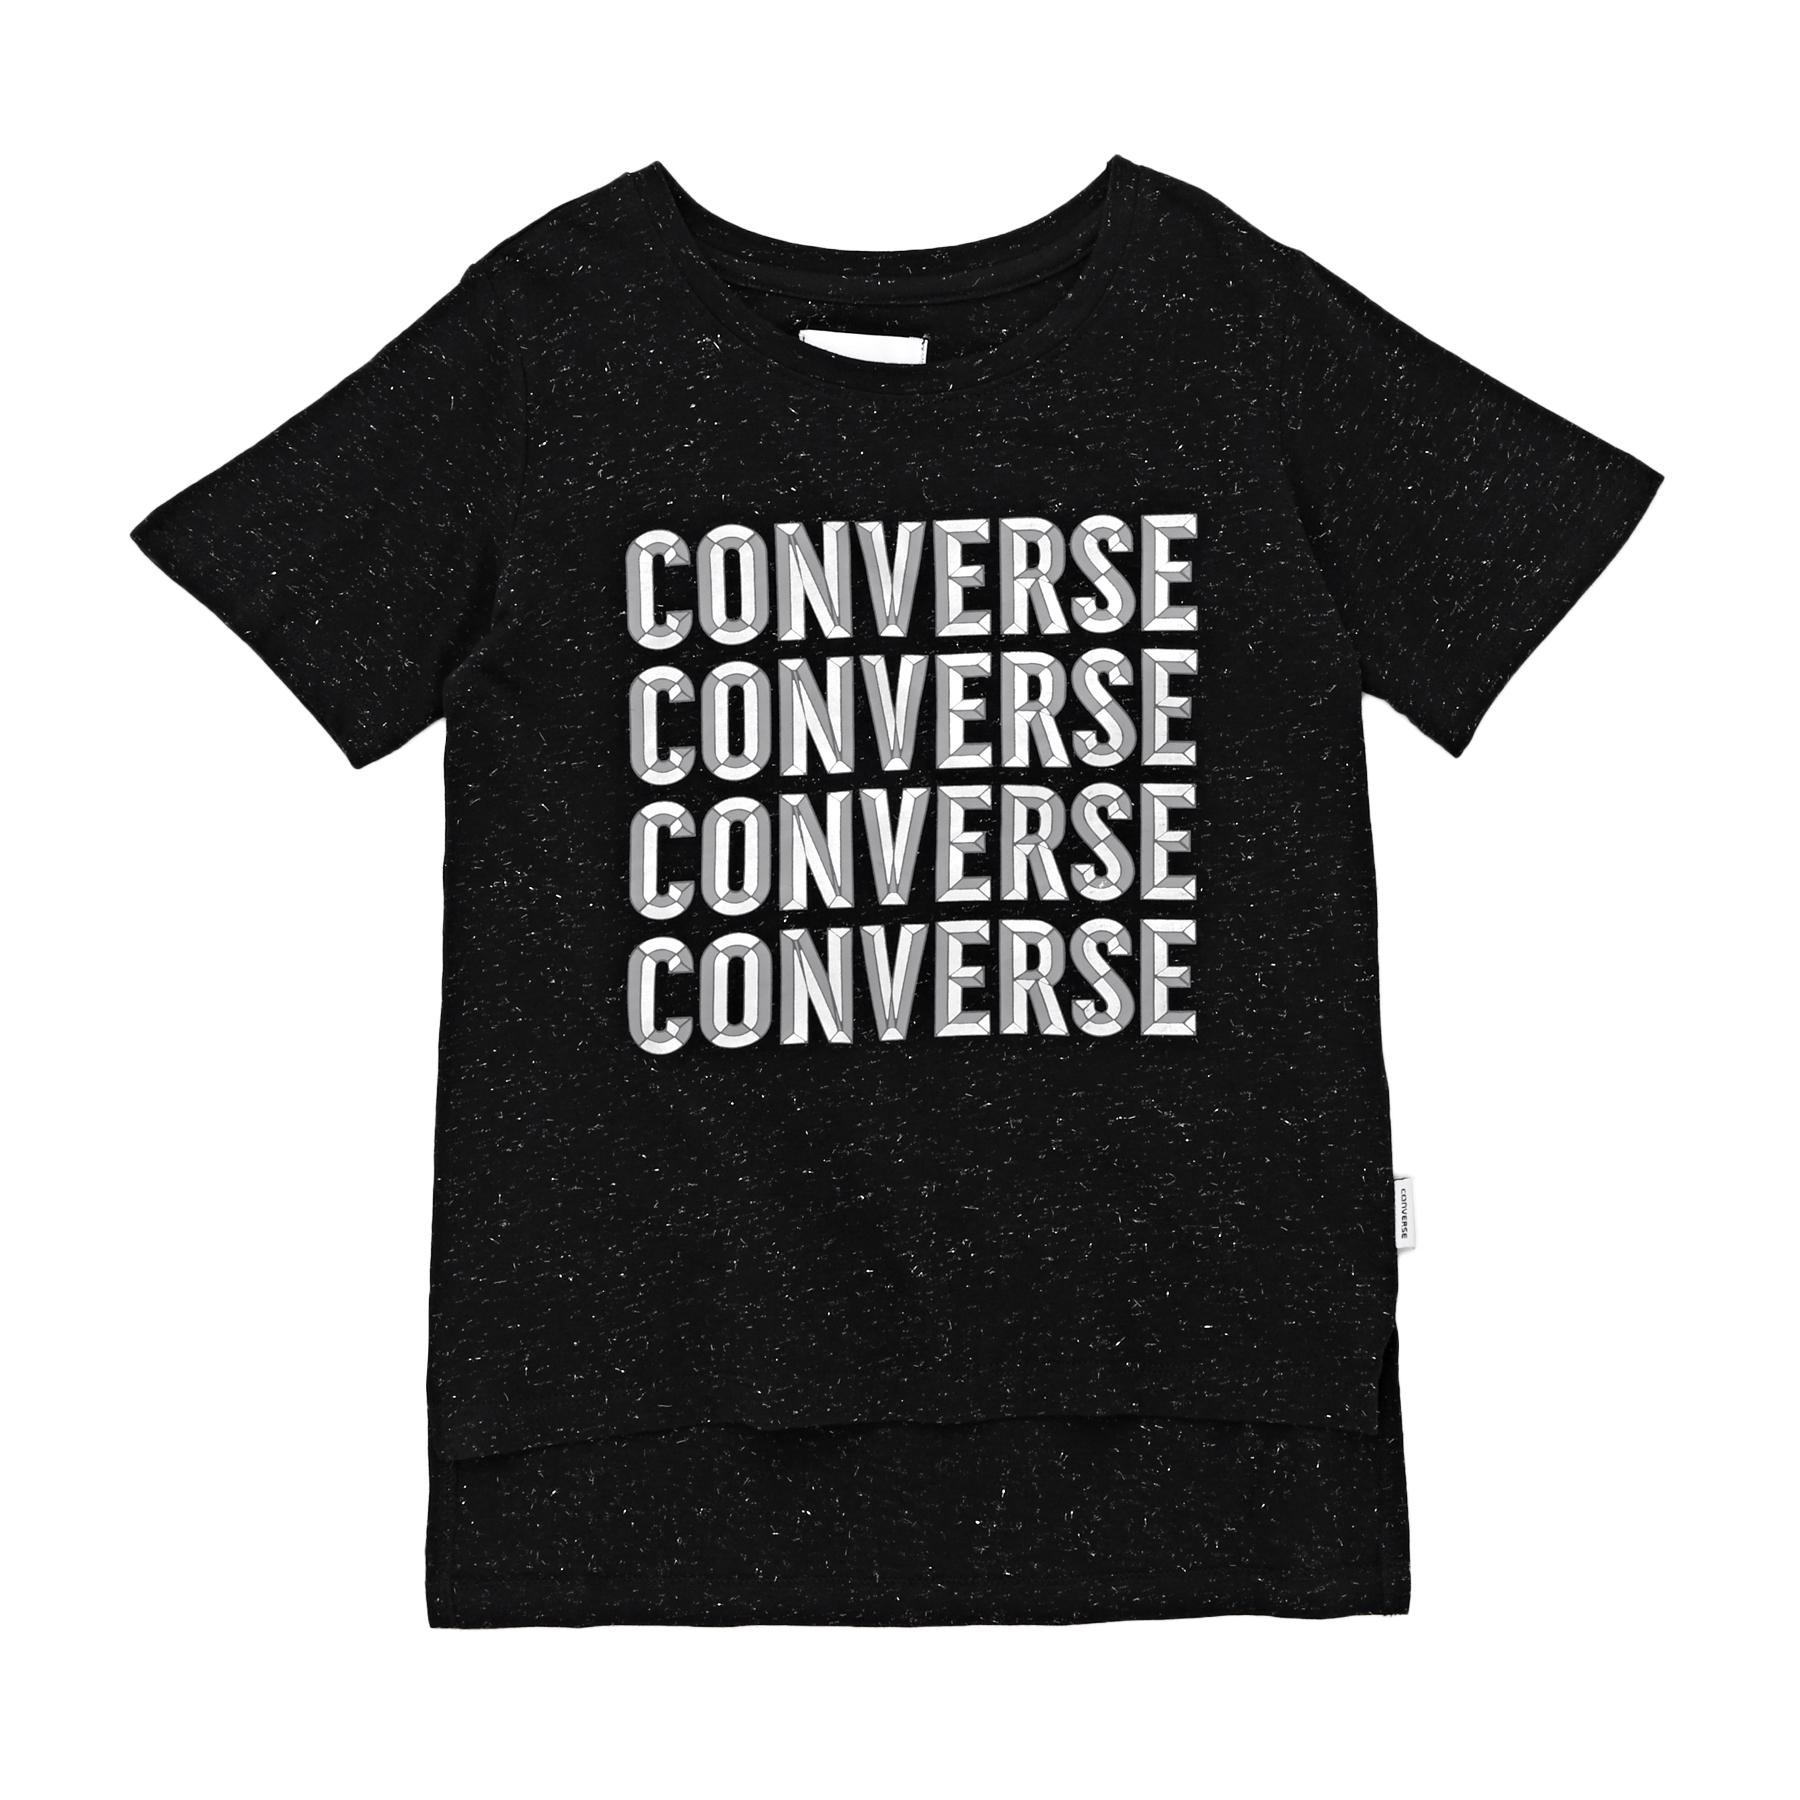 Sapatos, Vestuário & Sapatilhas Converse | Homens & Mulheres